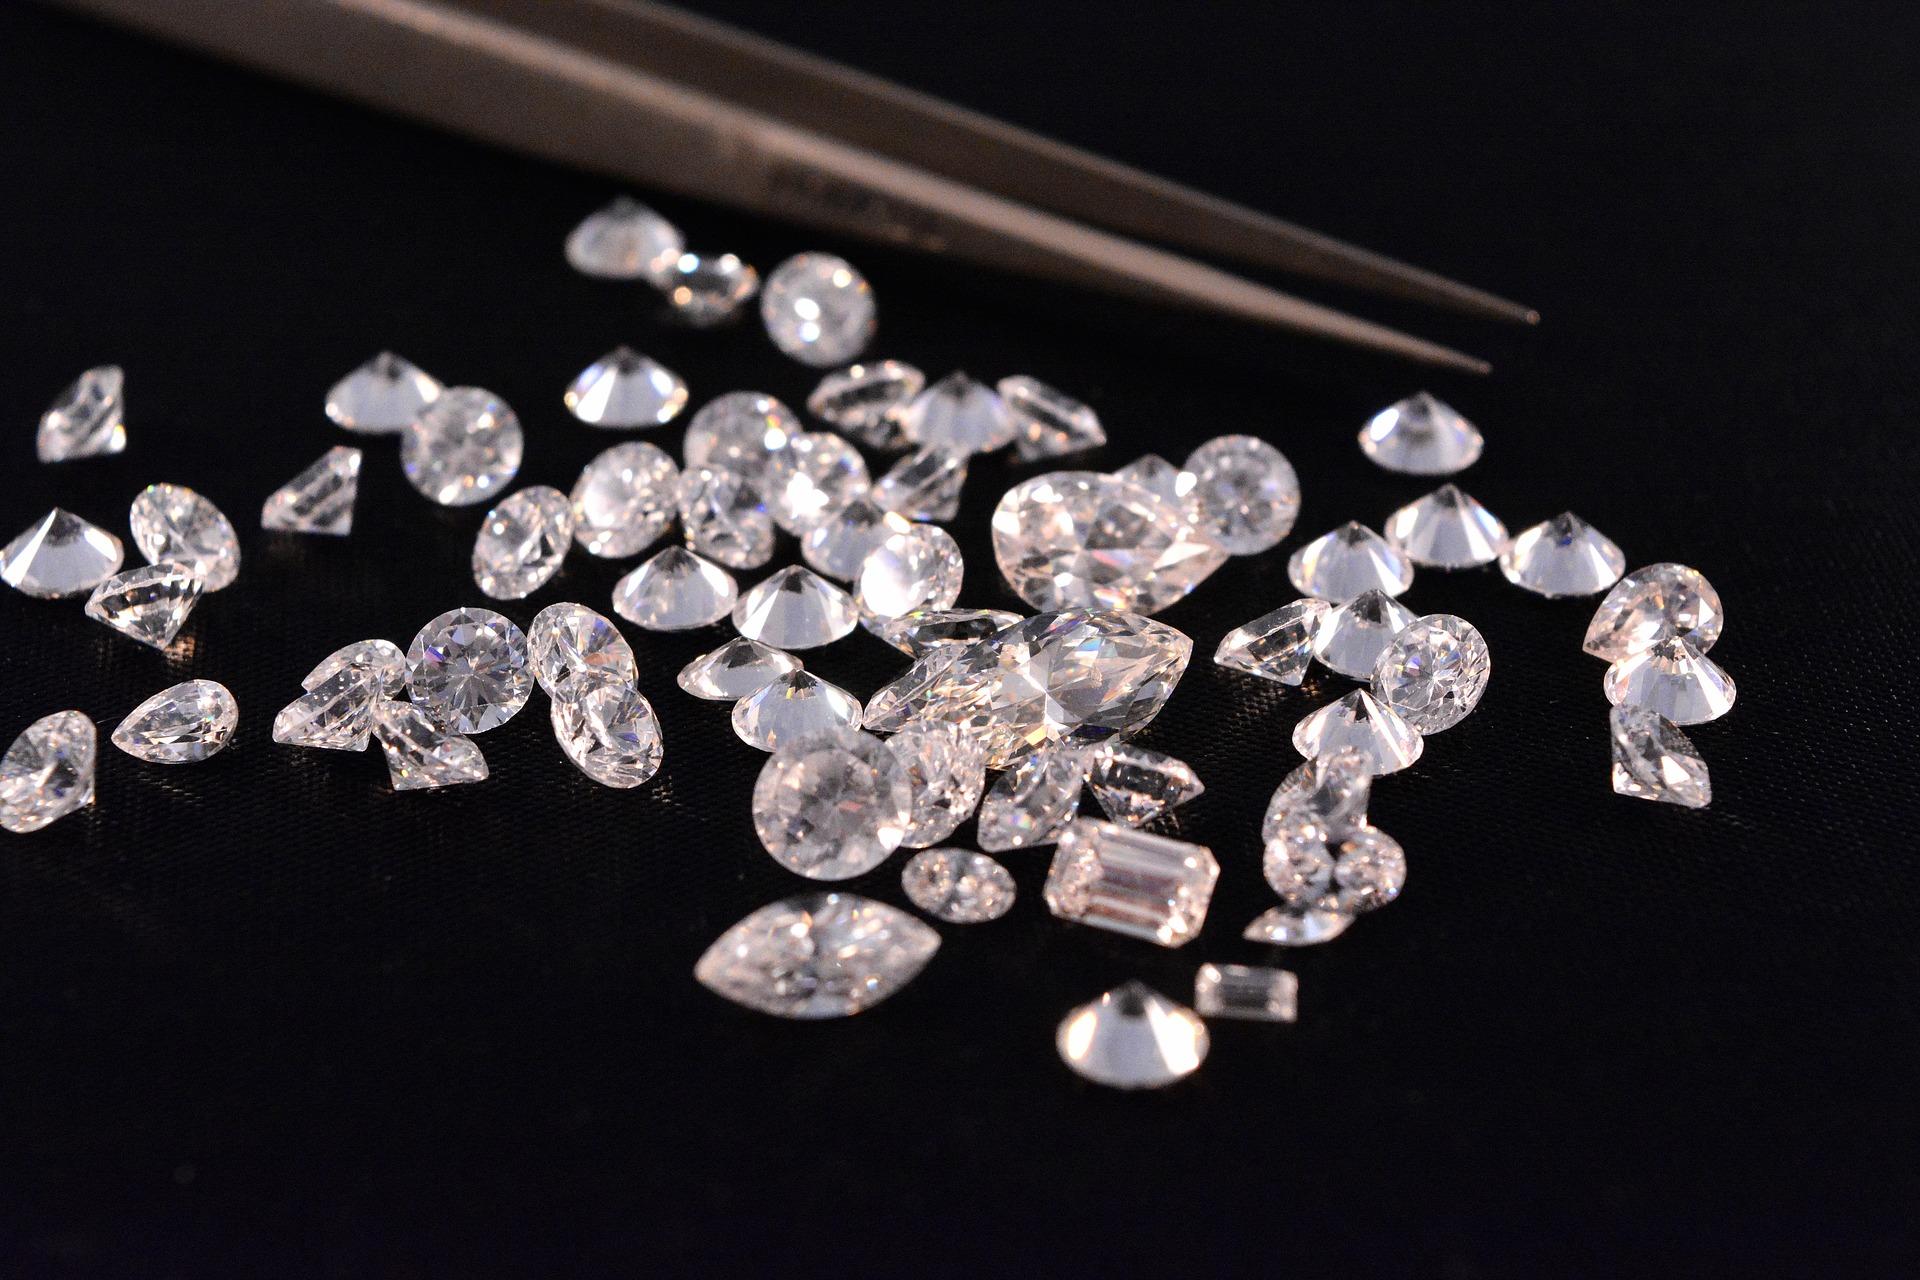 Le sertissage de diamants et pierres précieuses